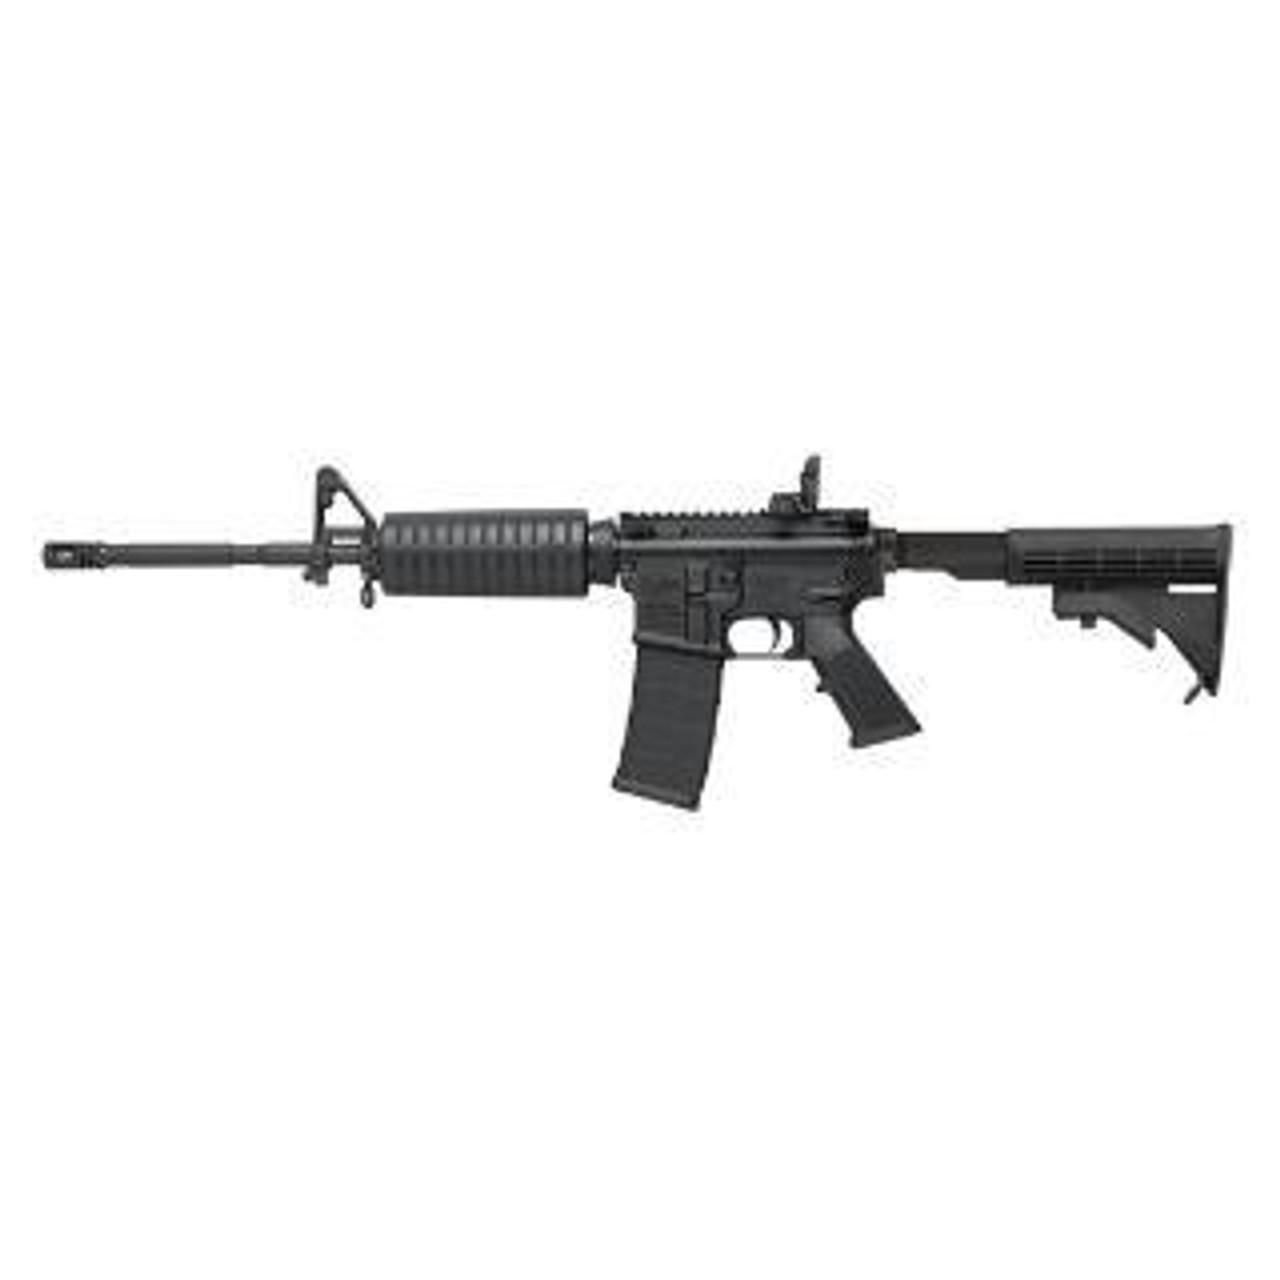 Colt LE6920 HBPW M4 Carbine CALIFORNIA LEGAL- 5.56